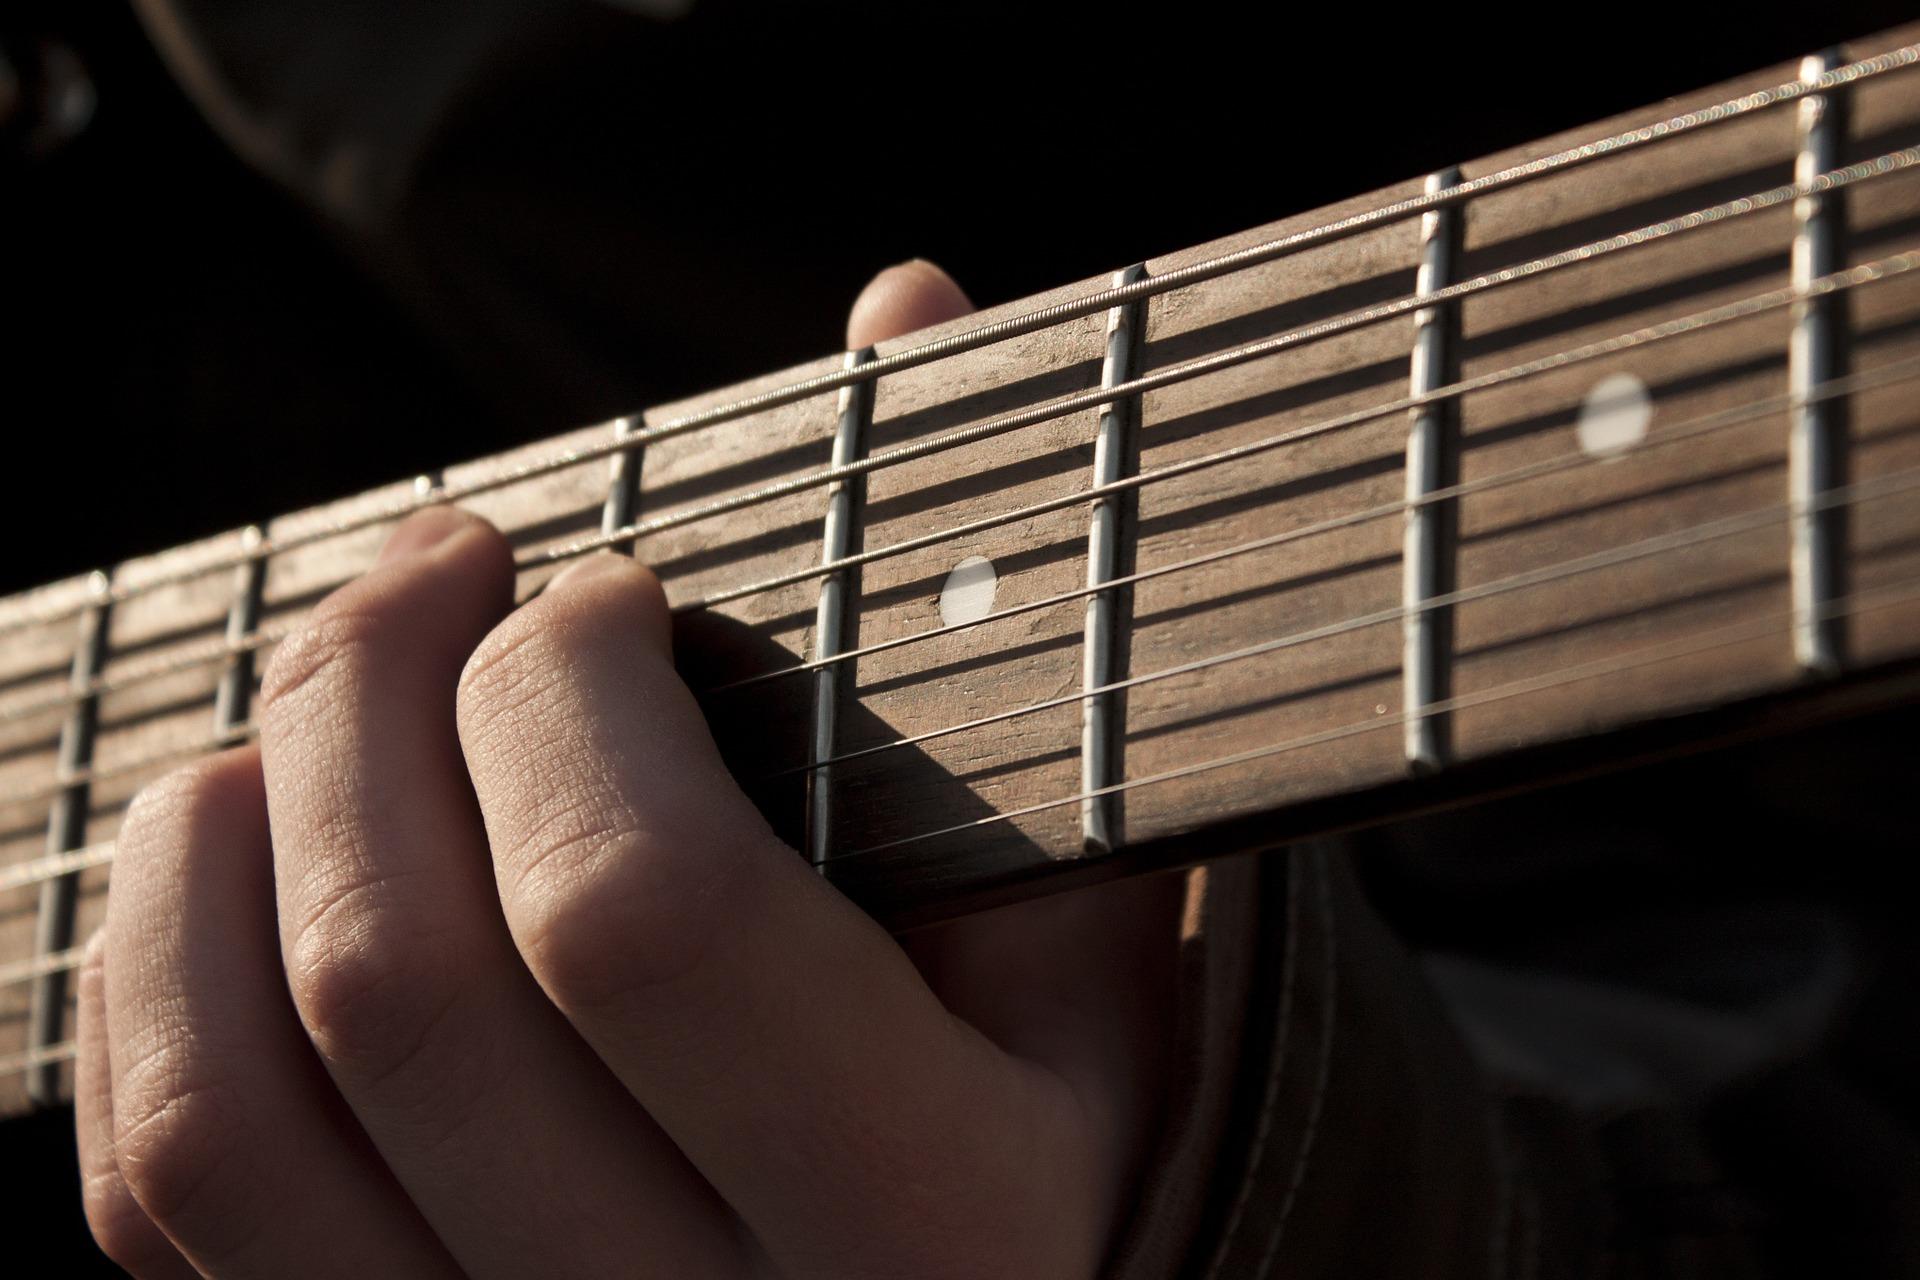 Découvrir le manche de la guitare